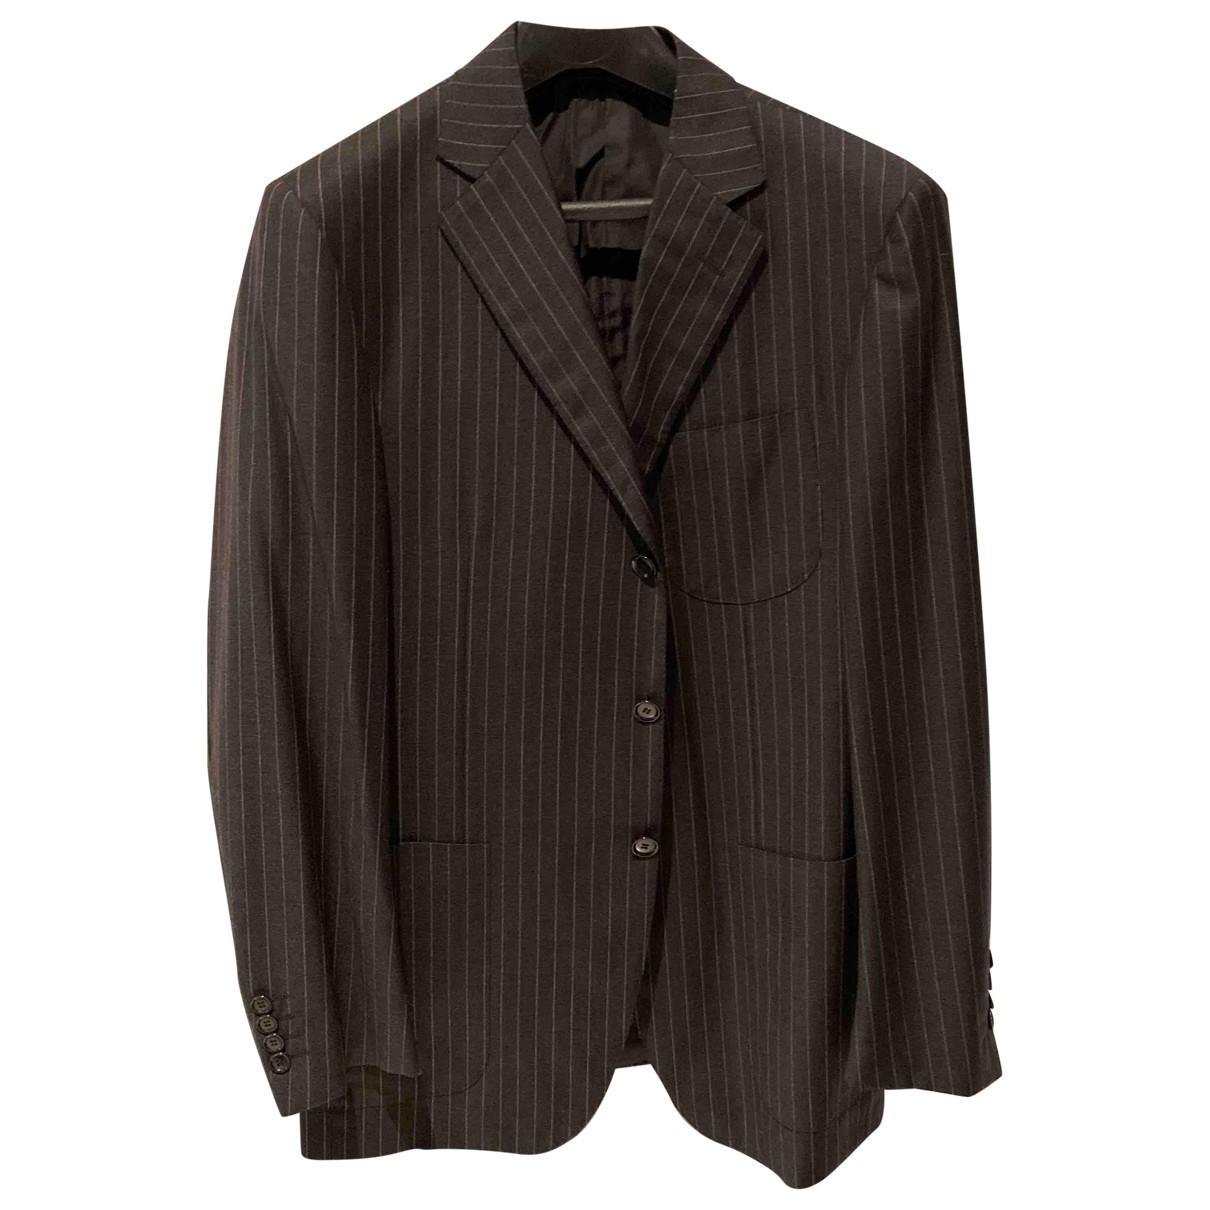 Pal Zileri \N Anzuege in  Grau Wolle